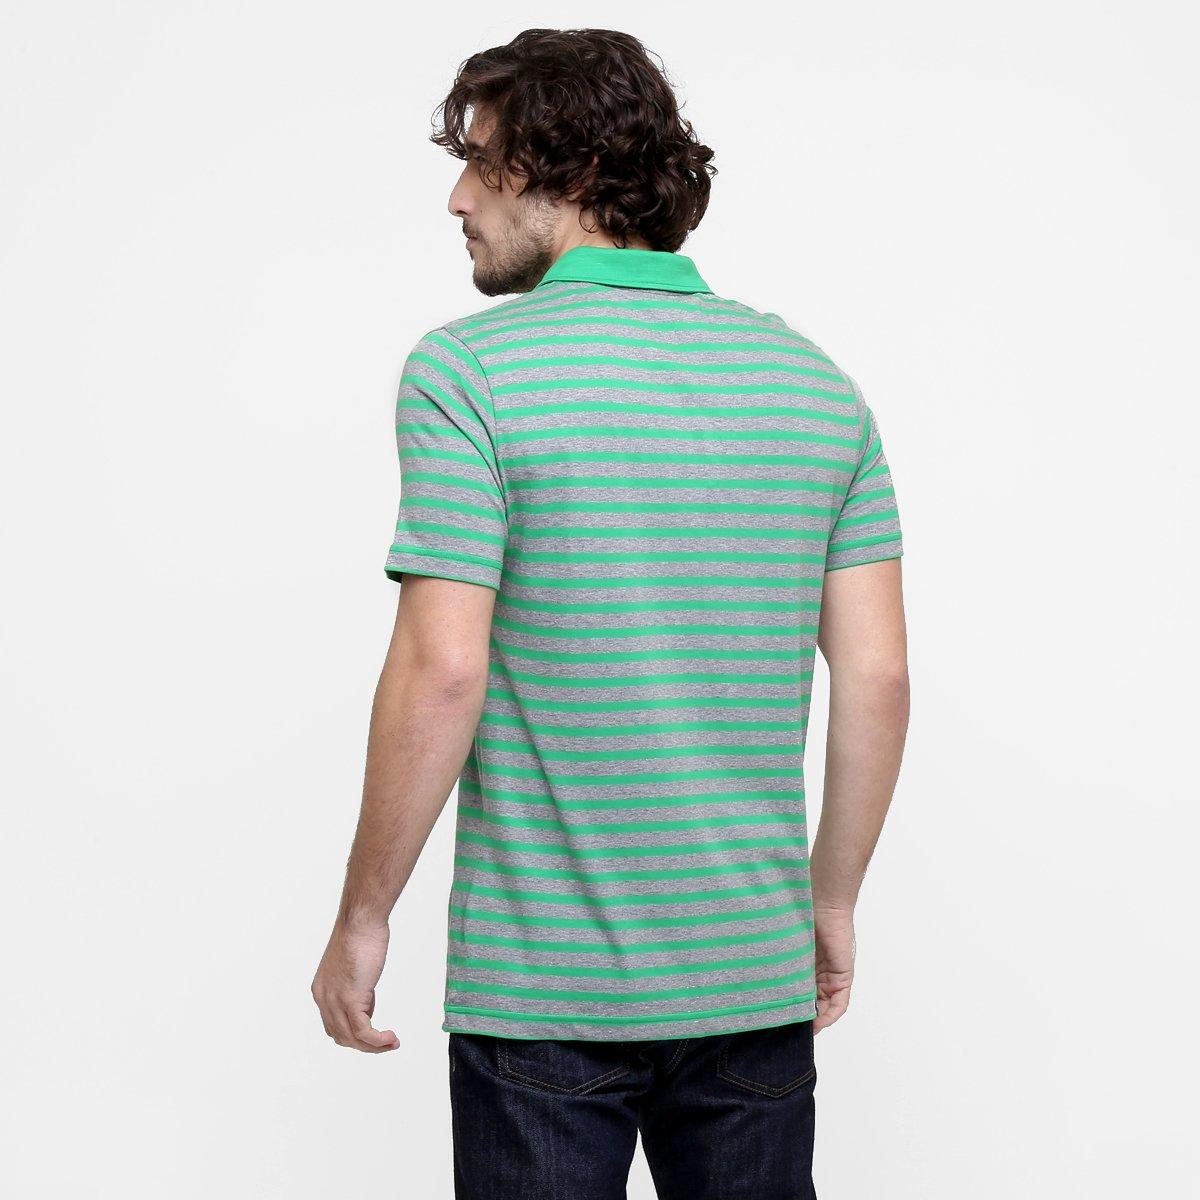 ea1de8986e Camisa Polo Puma Ess Striped - Compre Agora